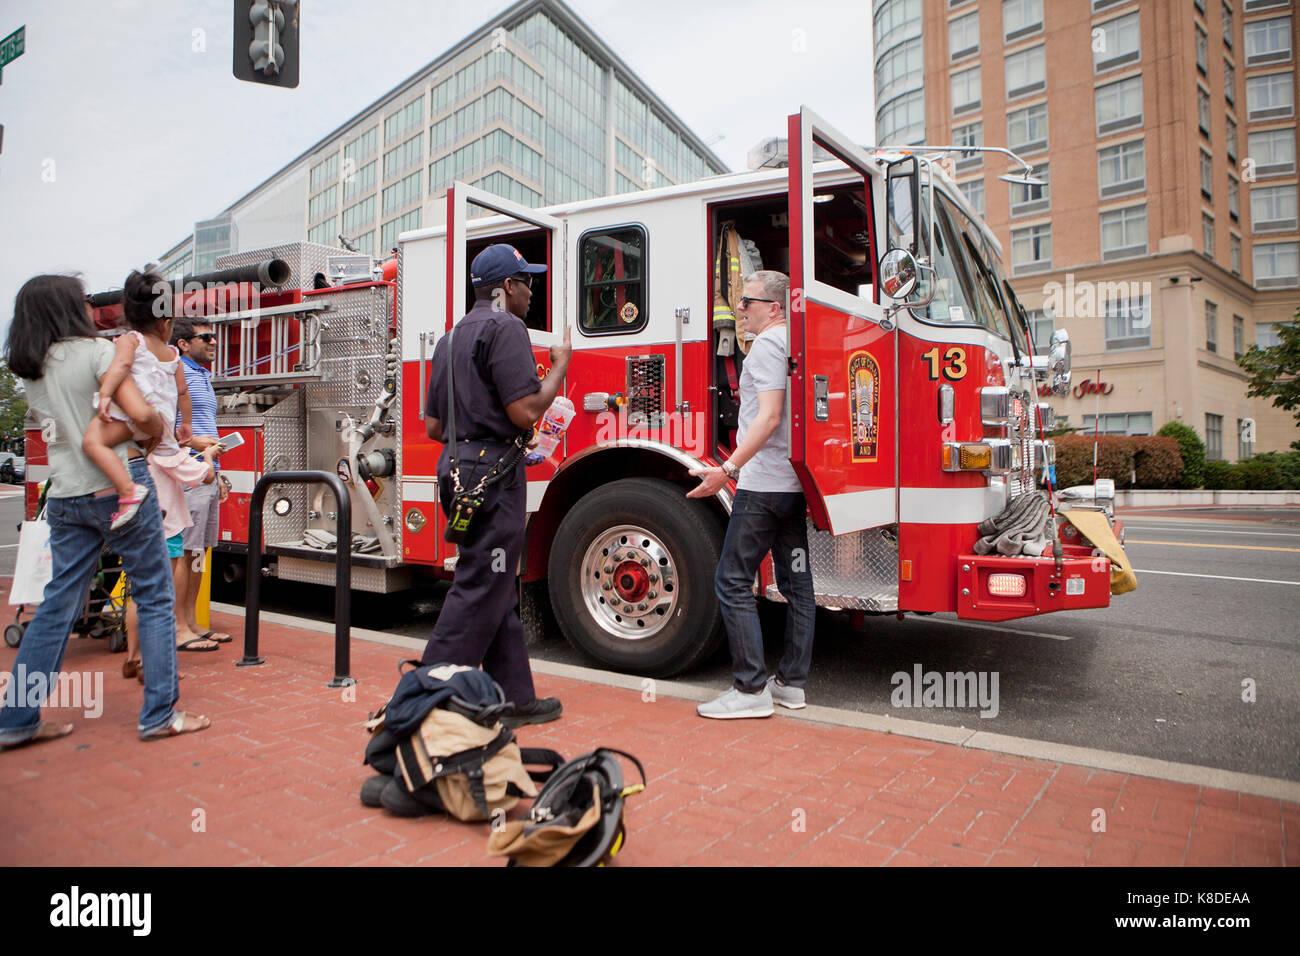 Feuerwehrmann mit öffentlichen Fire Engine truck-Washington, DC, USA Stockbild